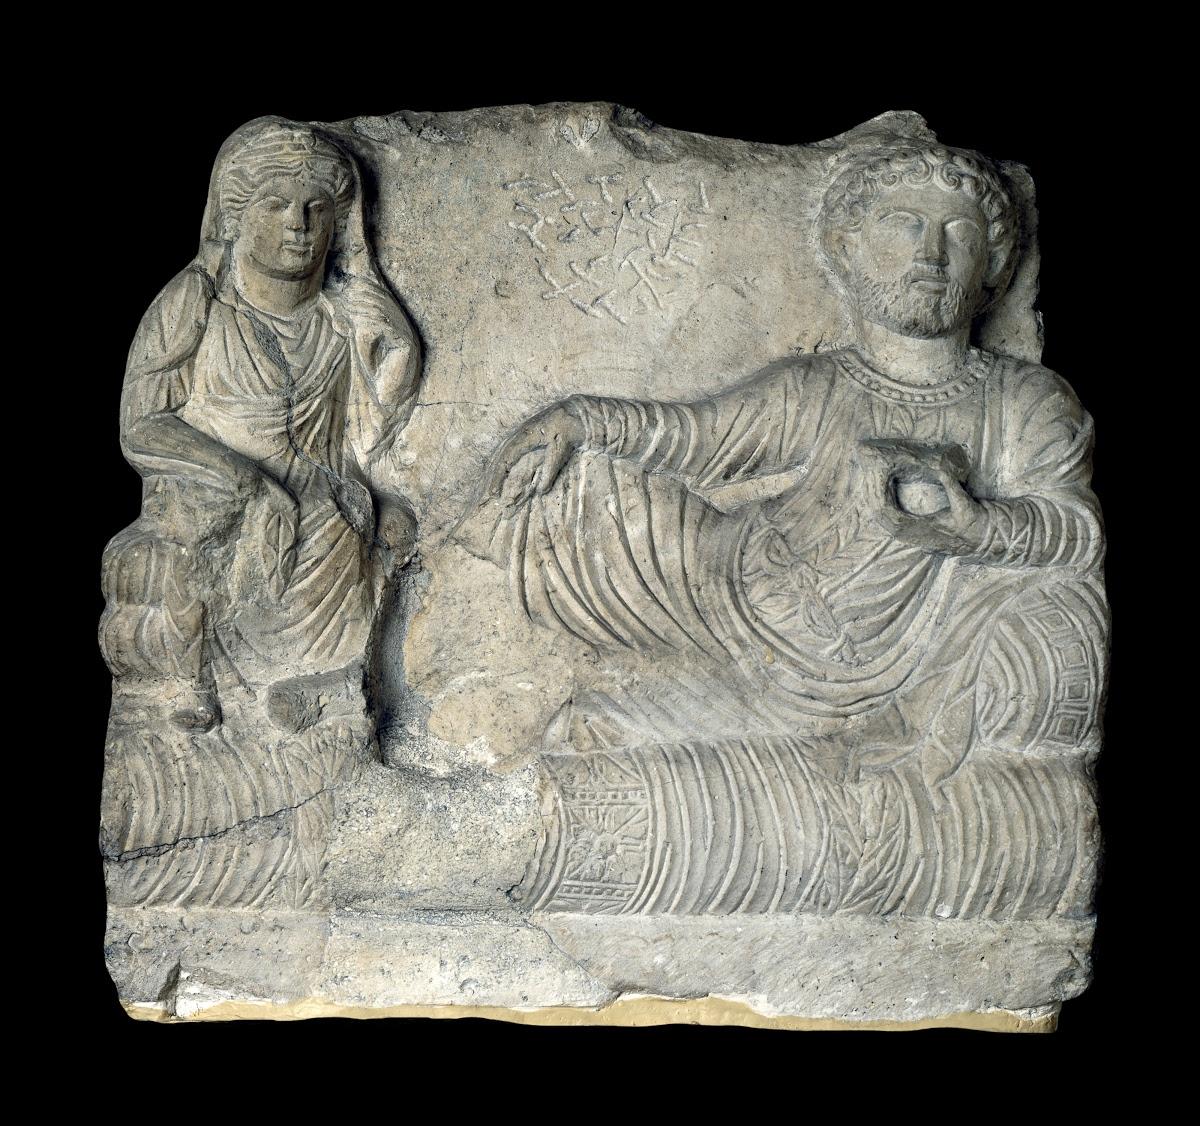 パルミラ王国 — Google Arts & Culture